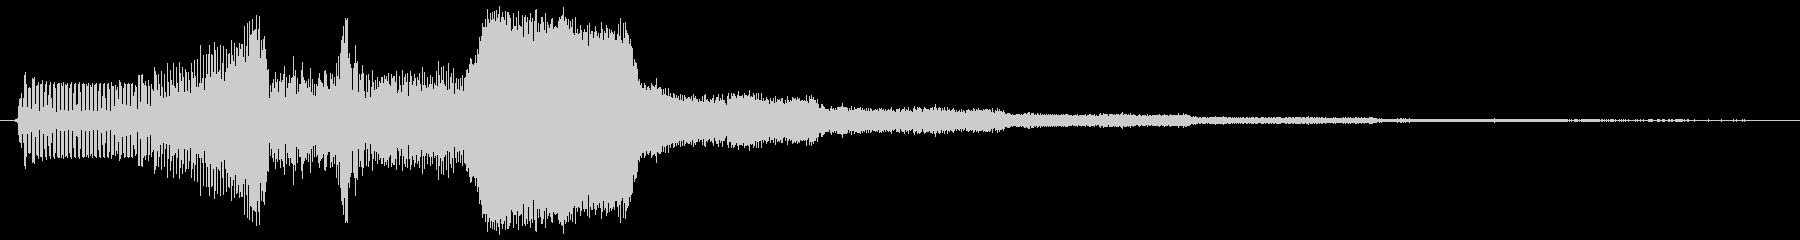 ピュイィィ。上がる・伸びる音(短)の未再生の波形